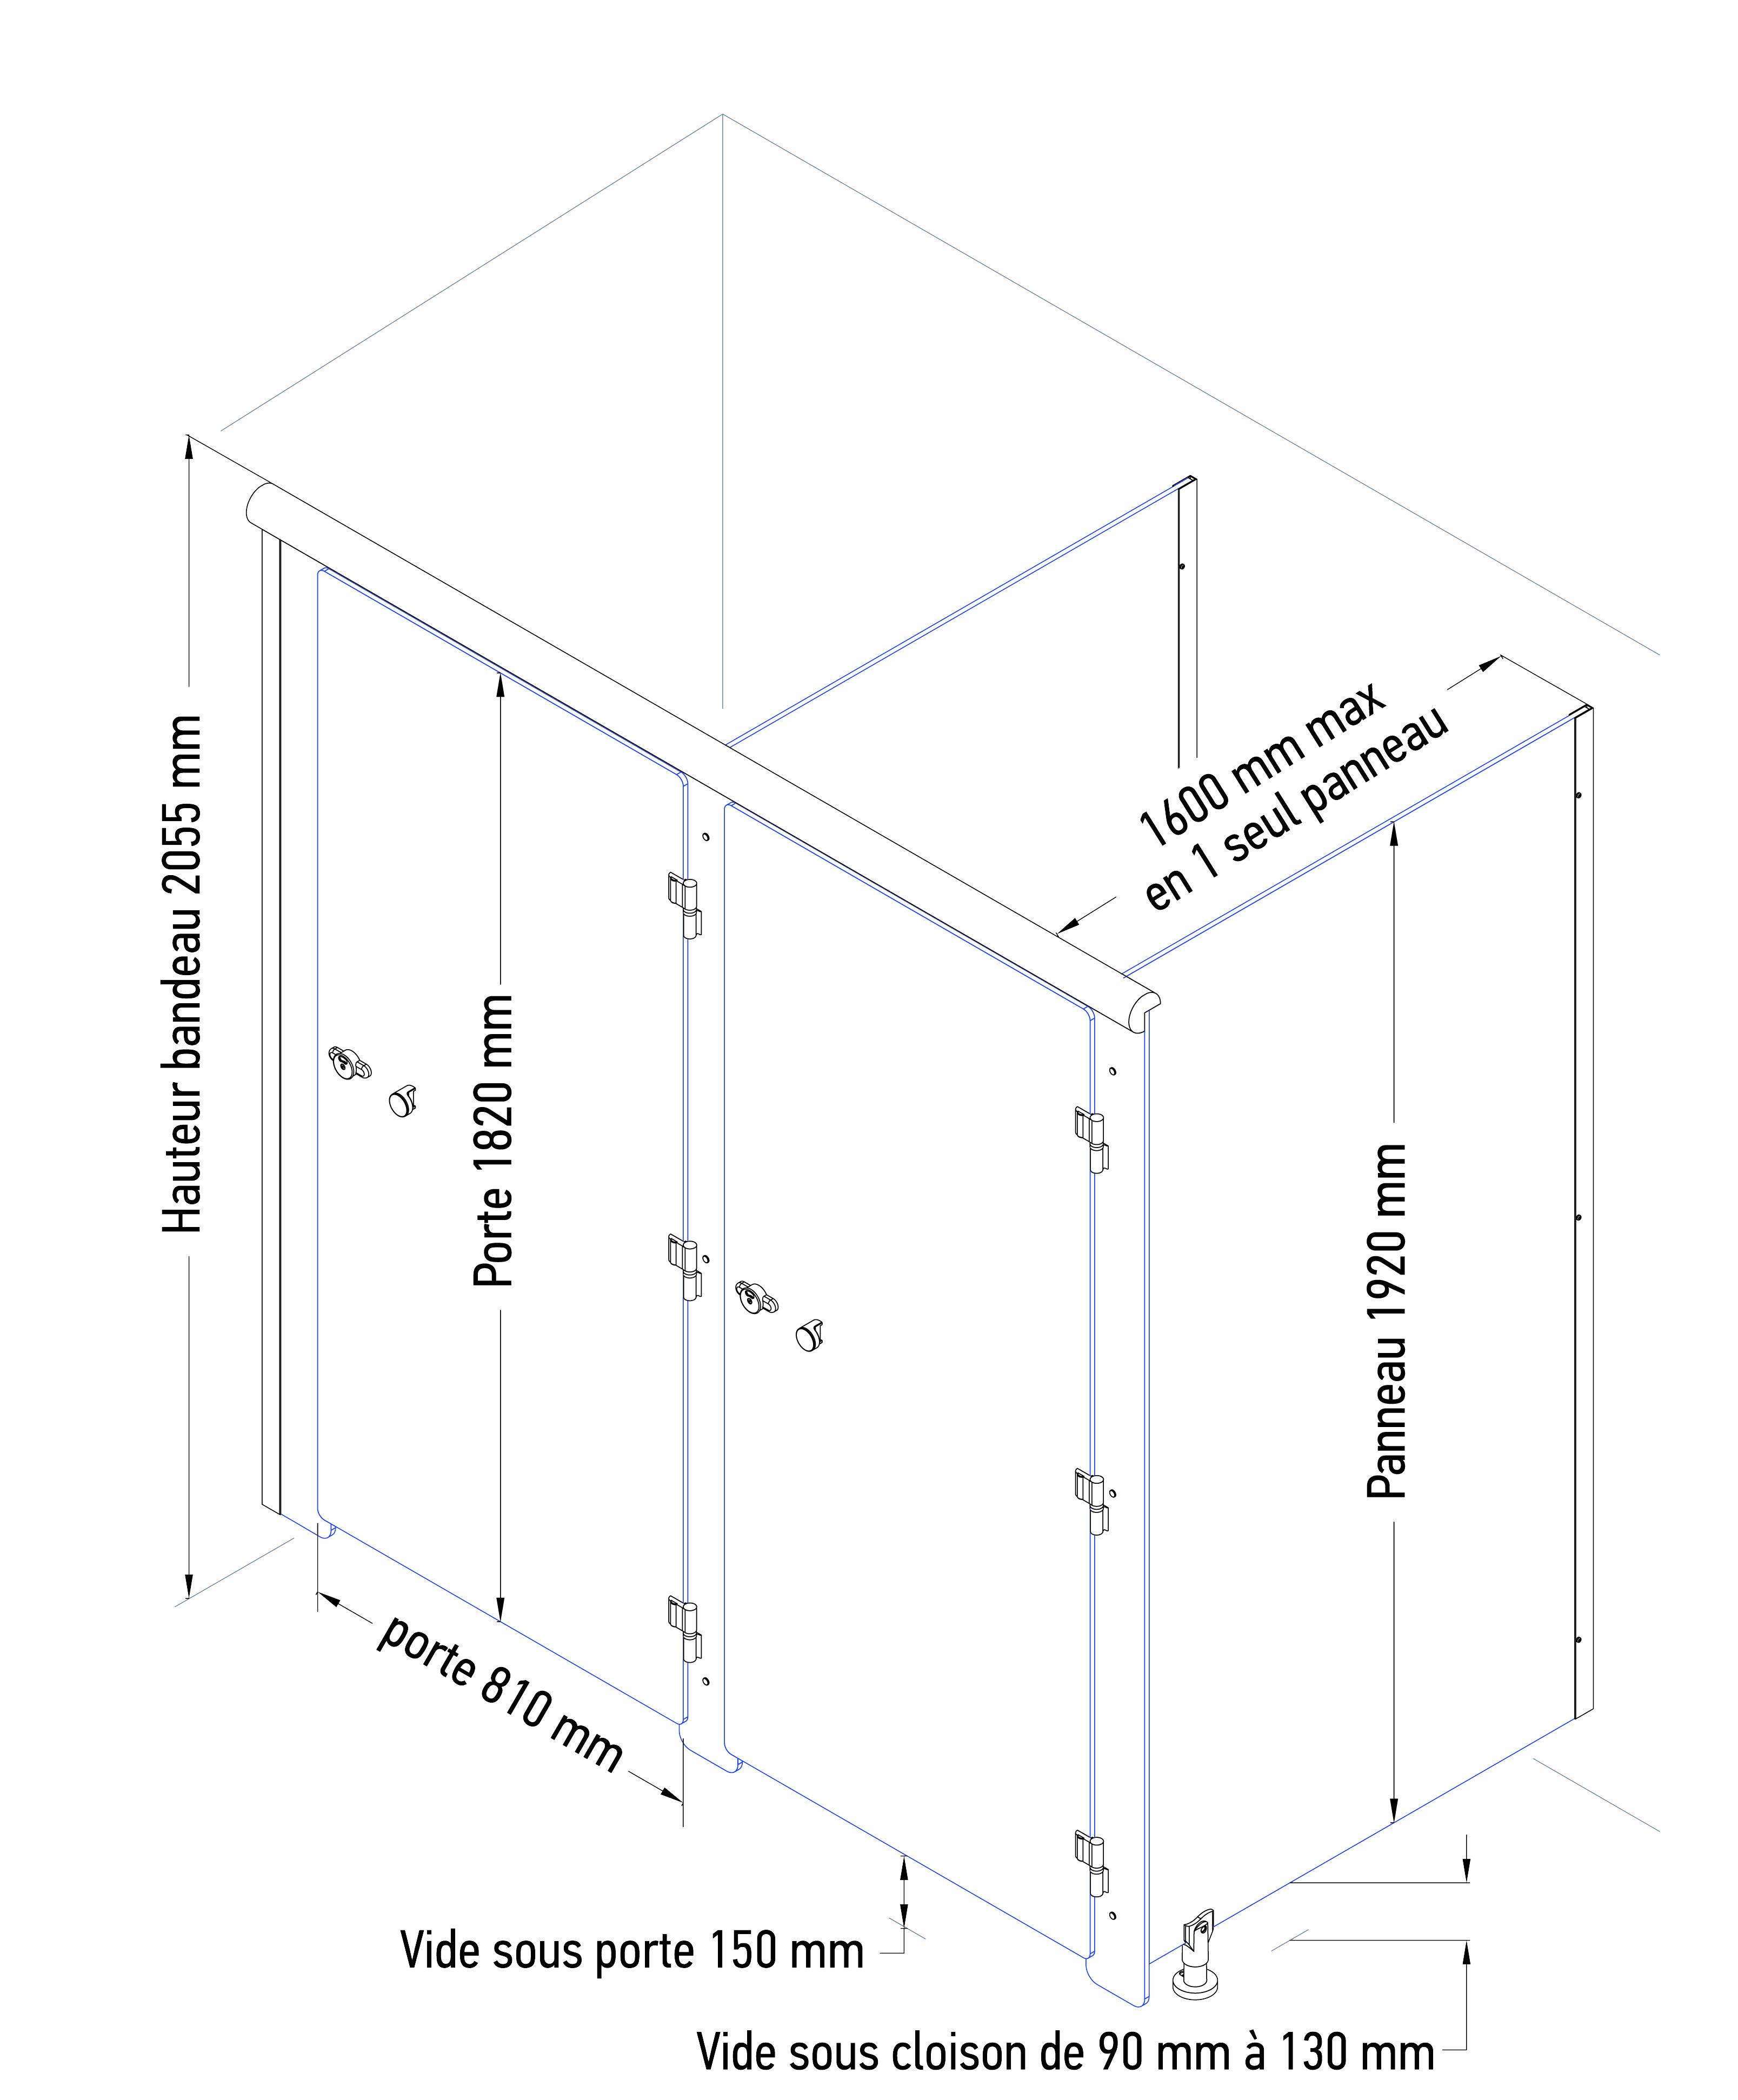 Cabine Cloisodouche 10 Mm - Cabines - Sanitec encequiconcerne Dimension Cabine De Douche